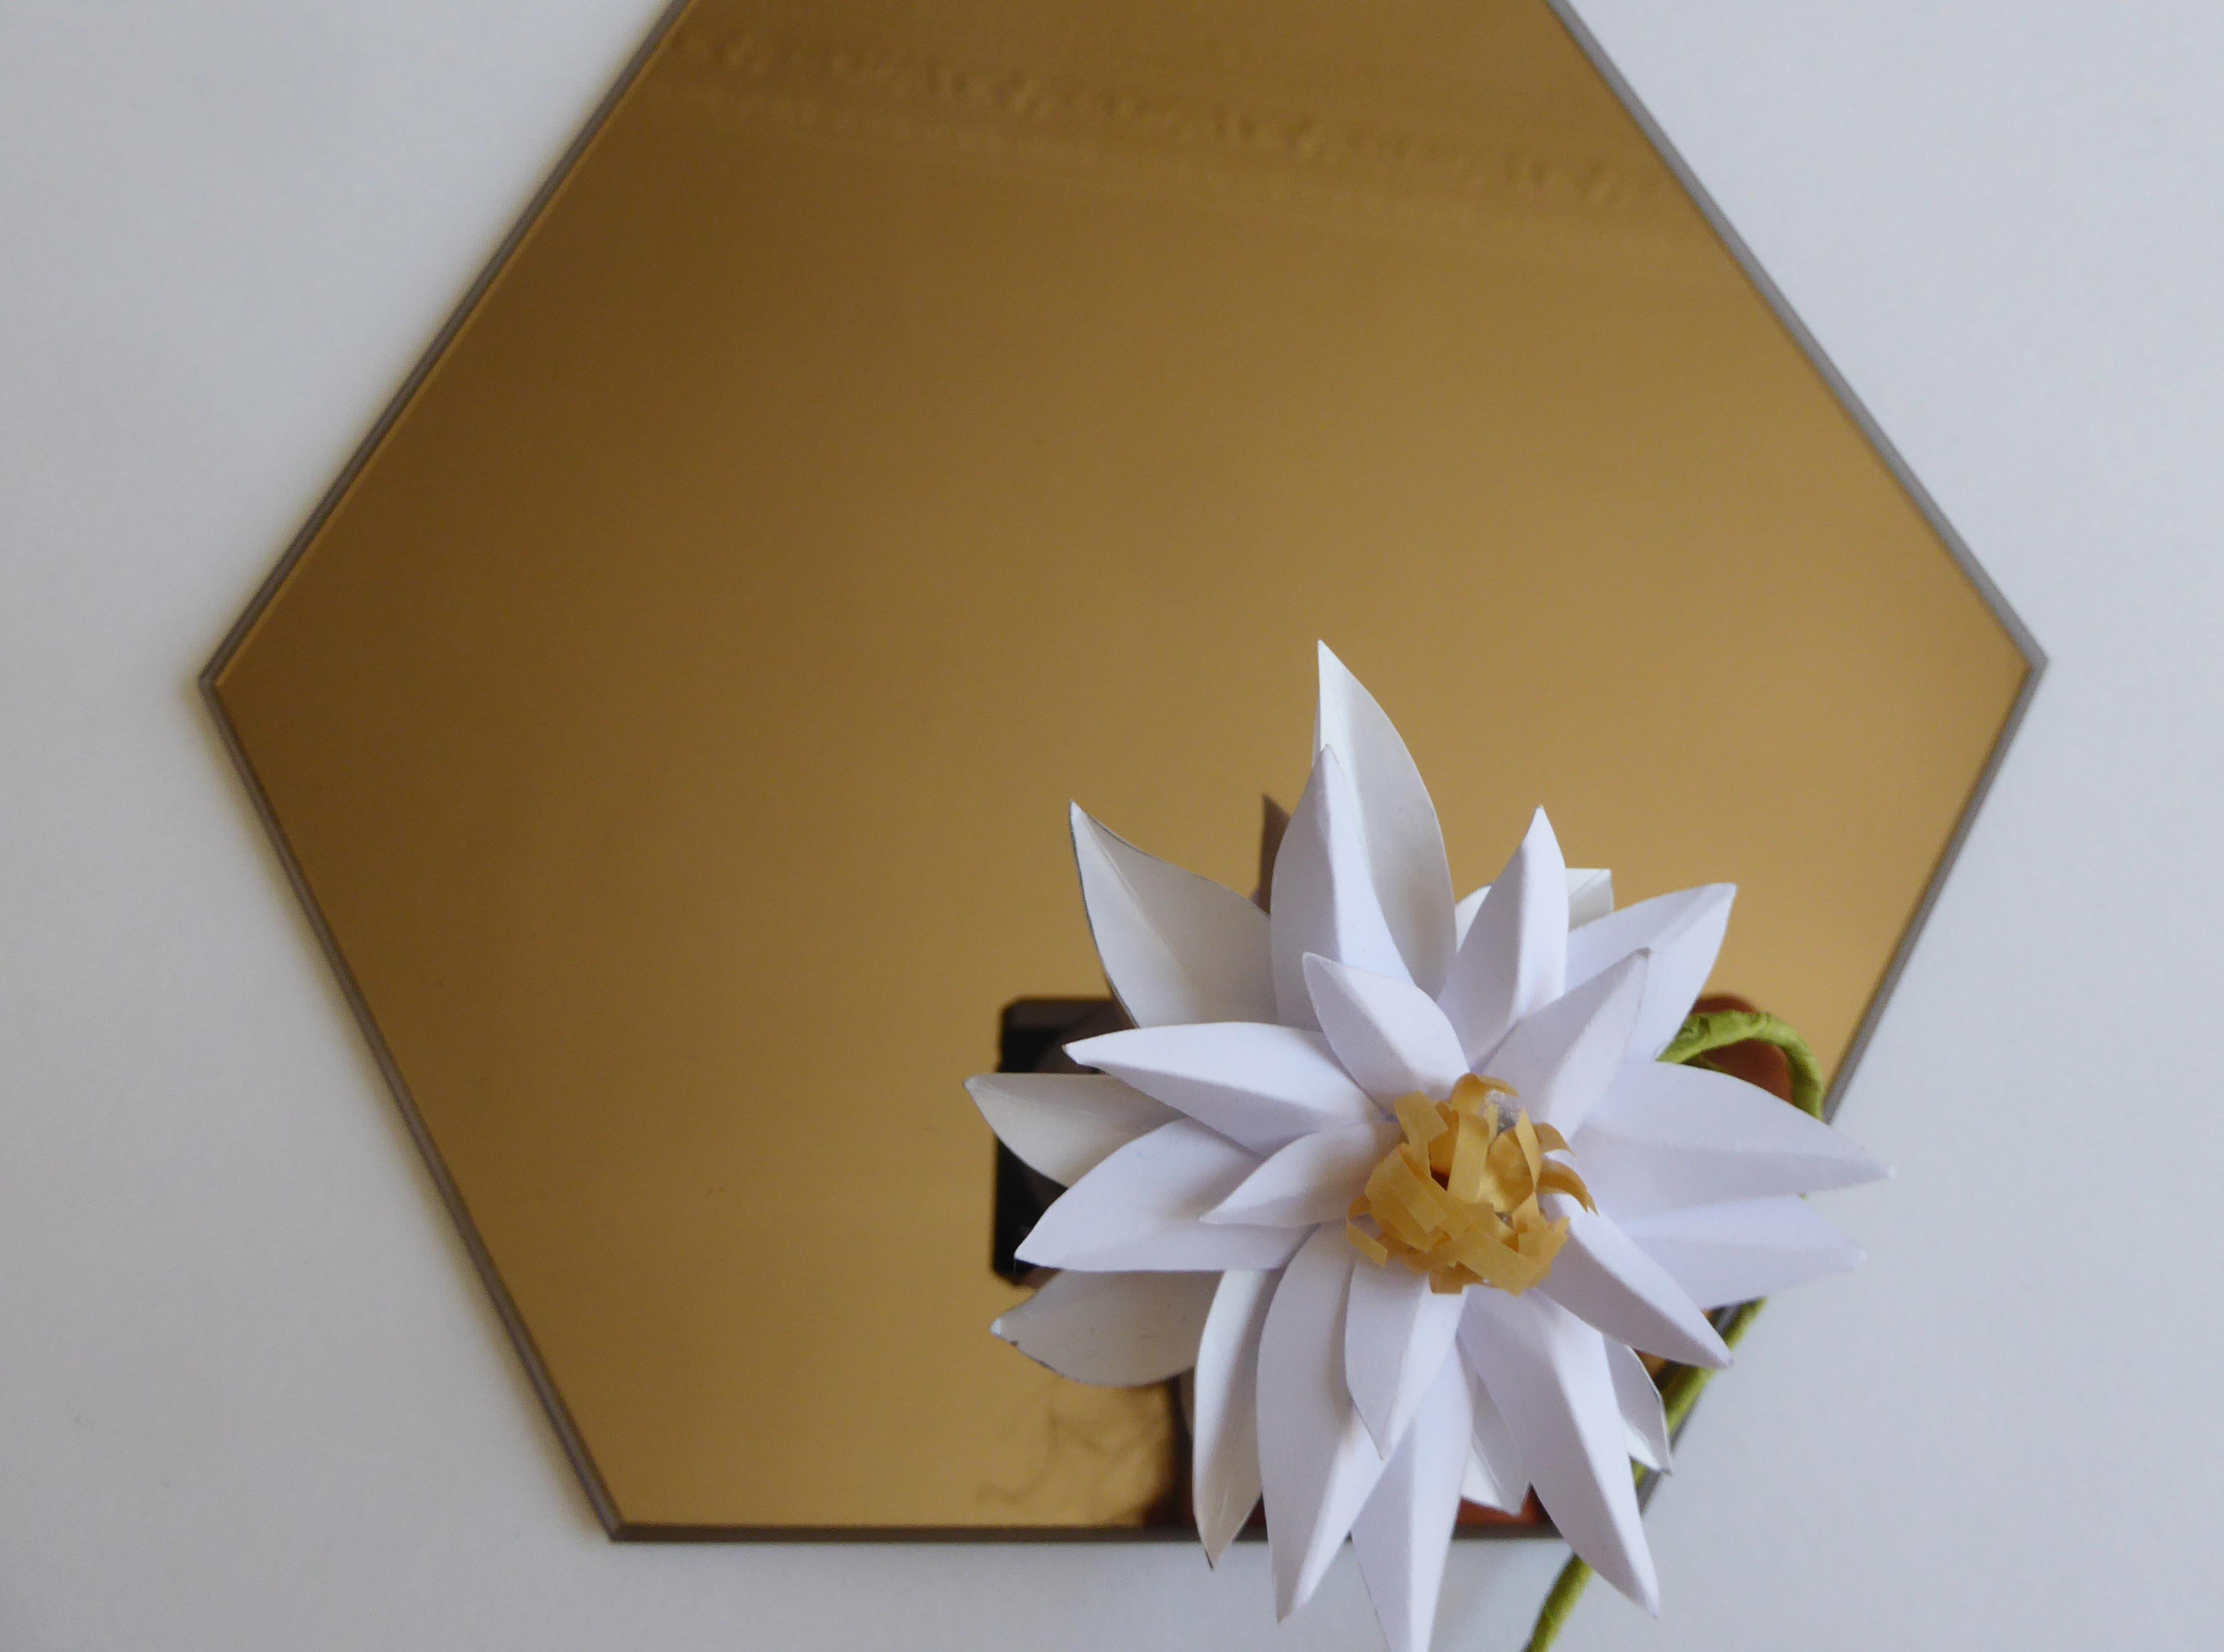 Sculpture papier, edelweiss flower paper art, miroir, technique origami et volume 3D, étude pour Helena Rubinstein, Laure Devenelle